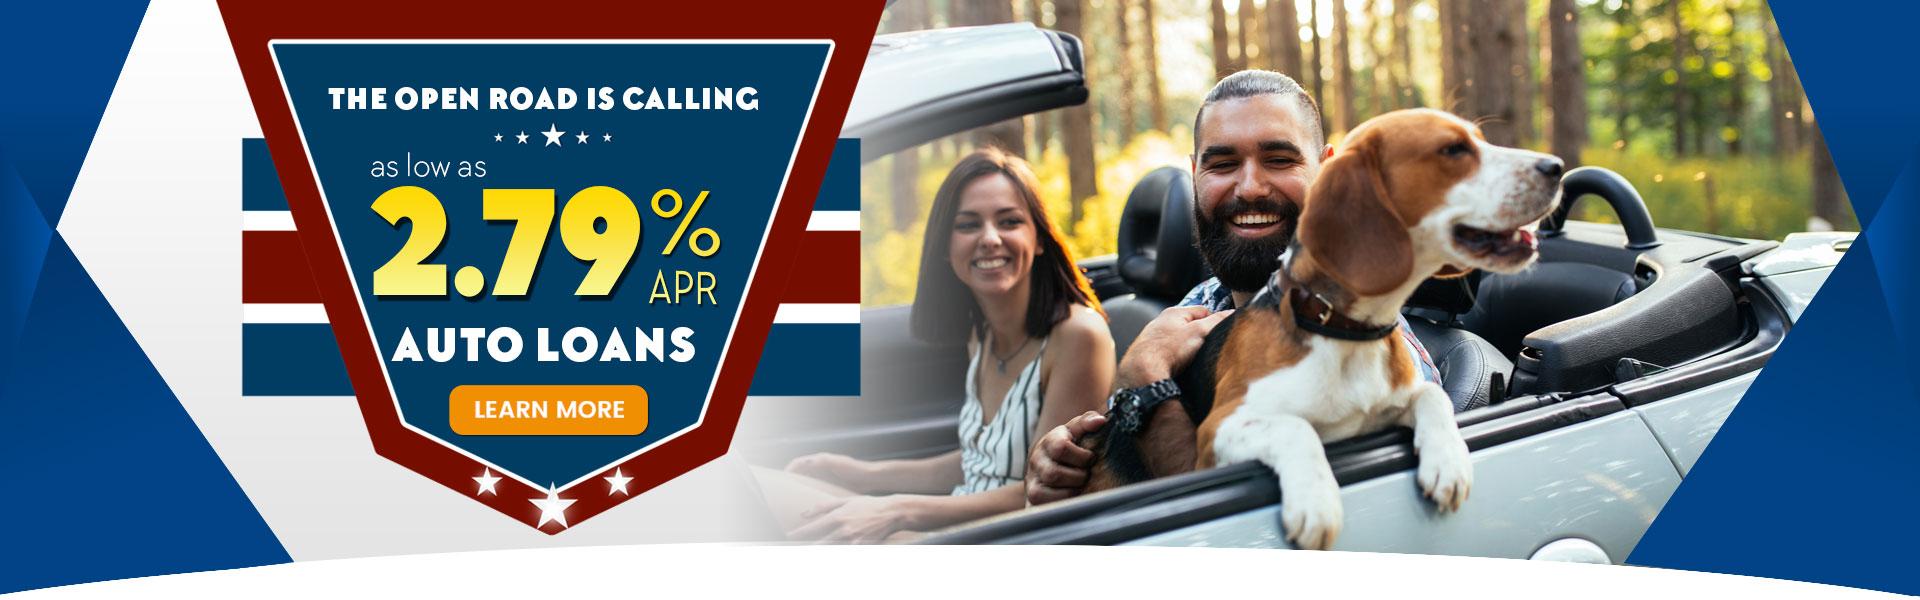 2.79% Auto Loan Special